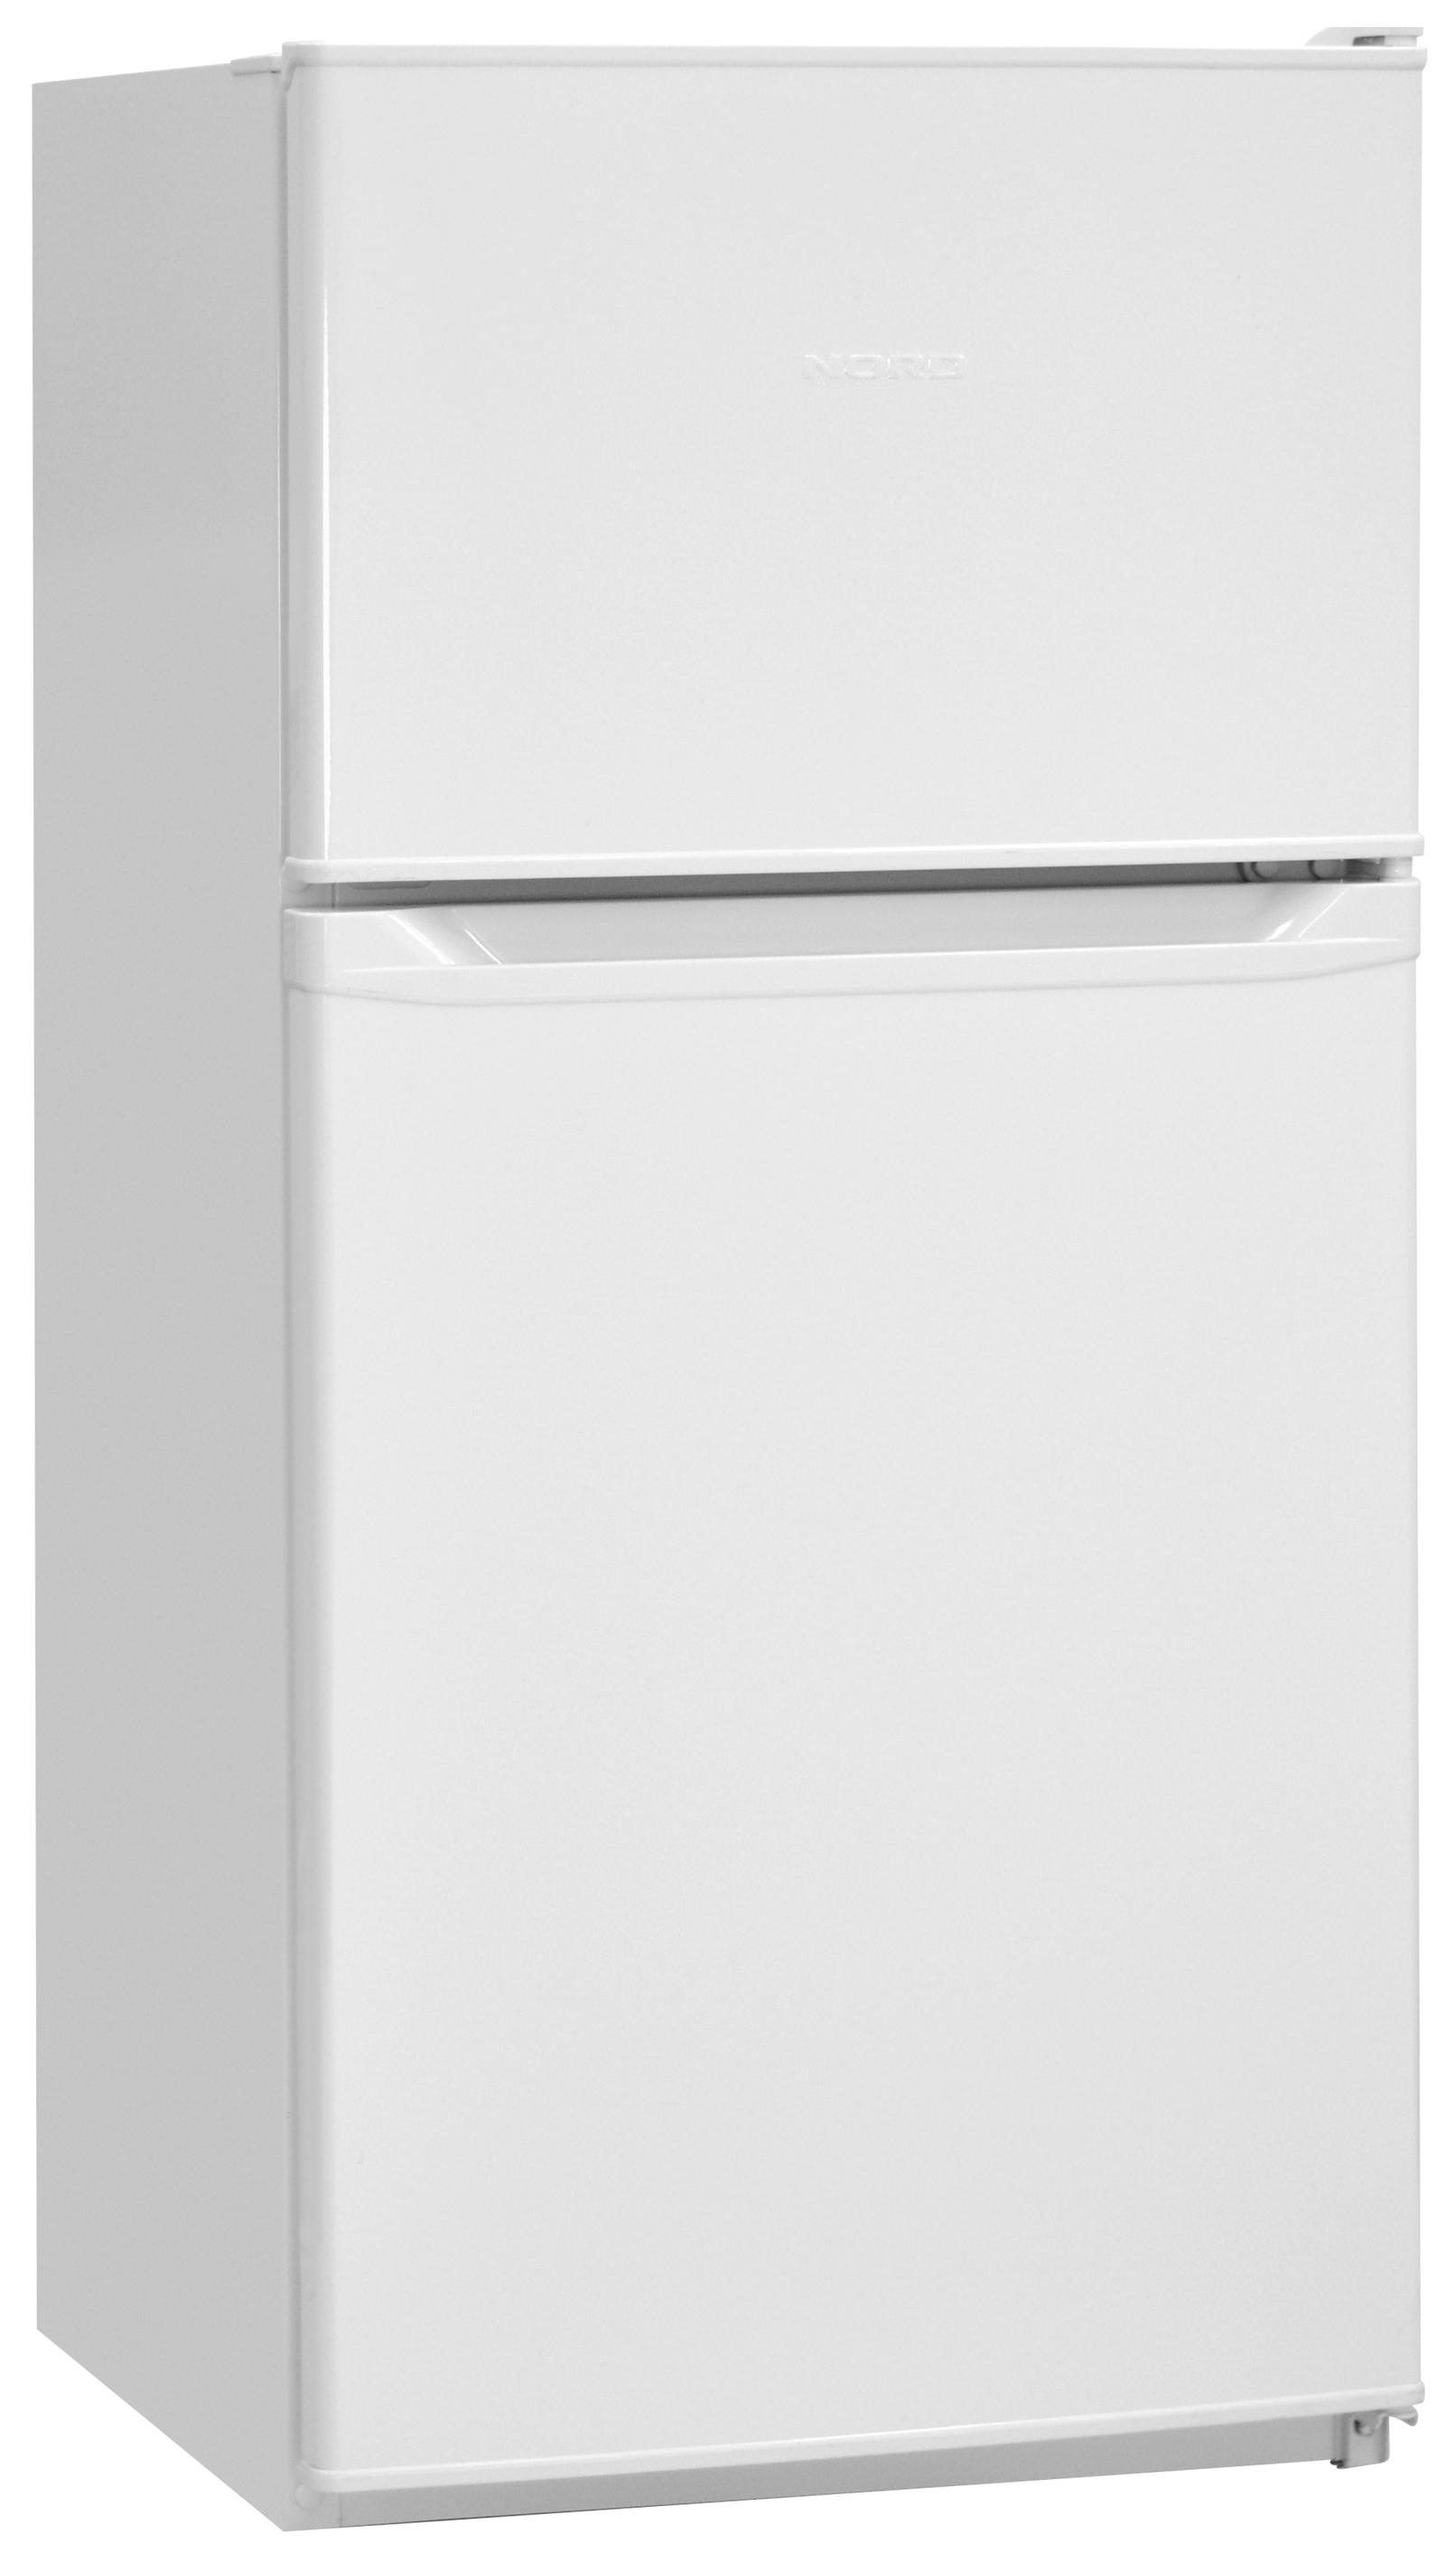 Холодильник NORD NRT 143 032 A White